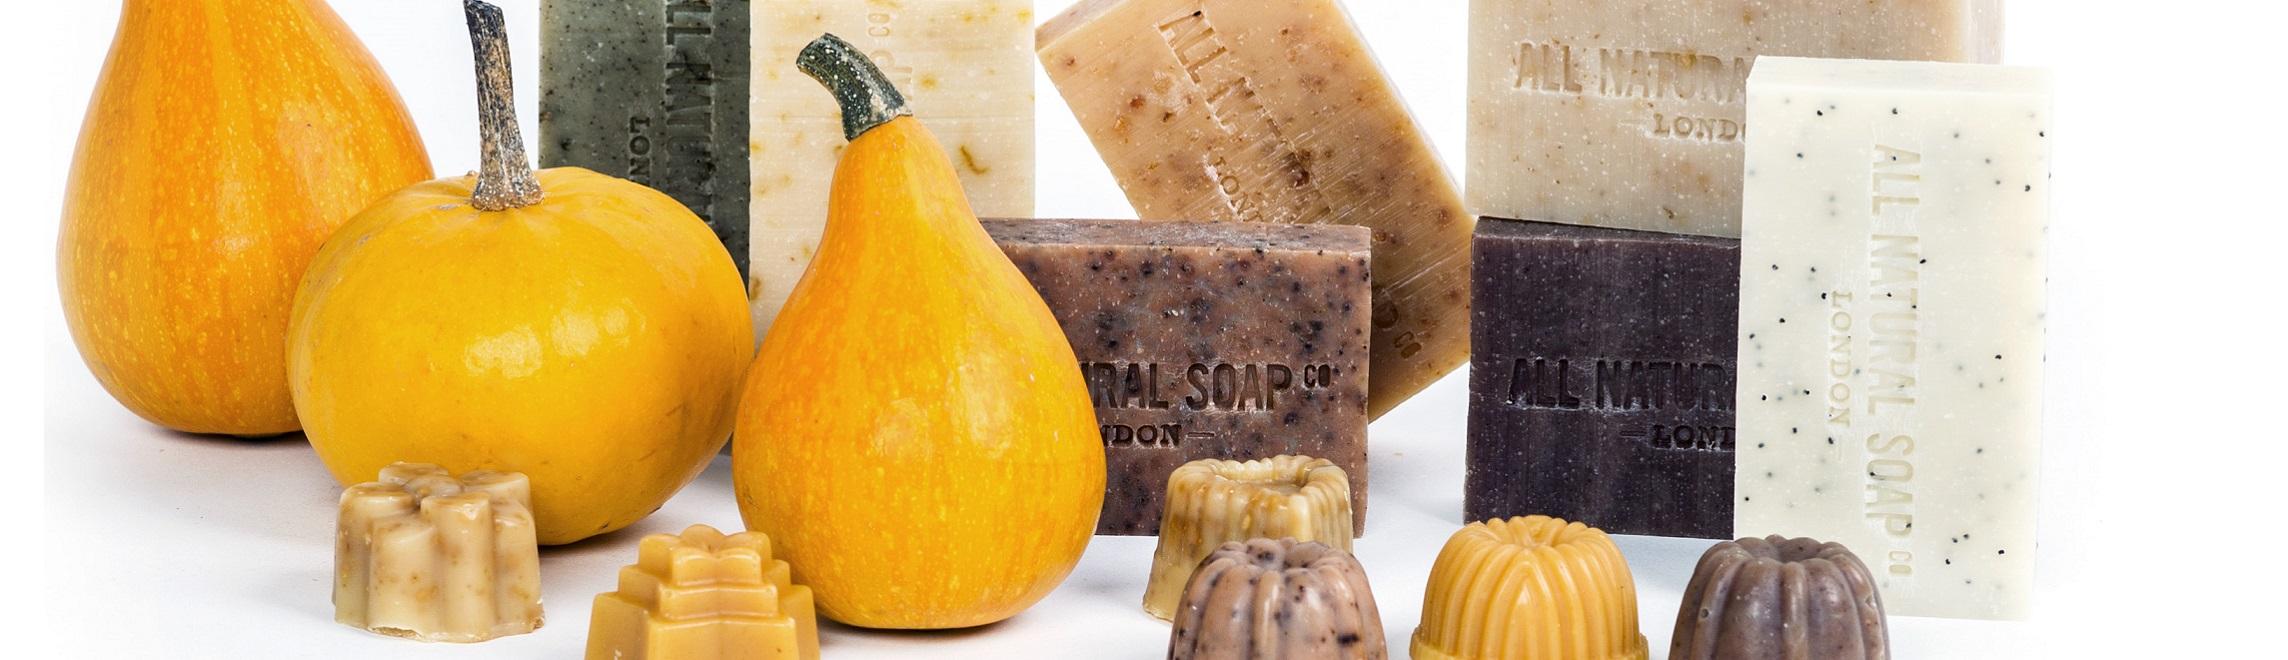 Pumpkin-Slider_ALL-NATURAL-SOAP-Co